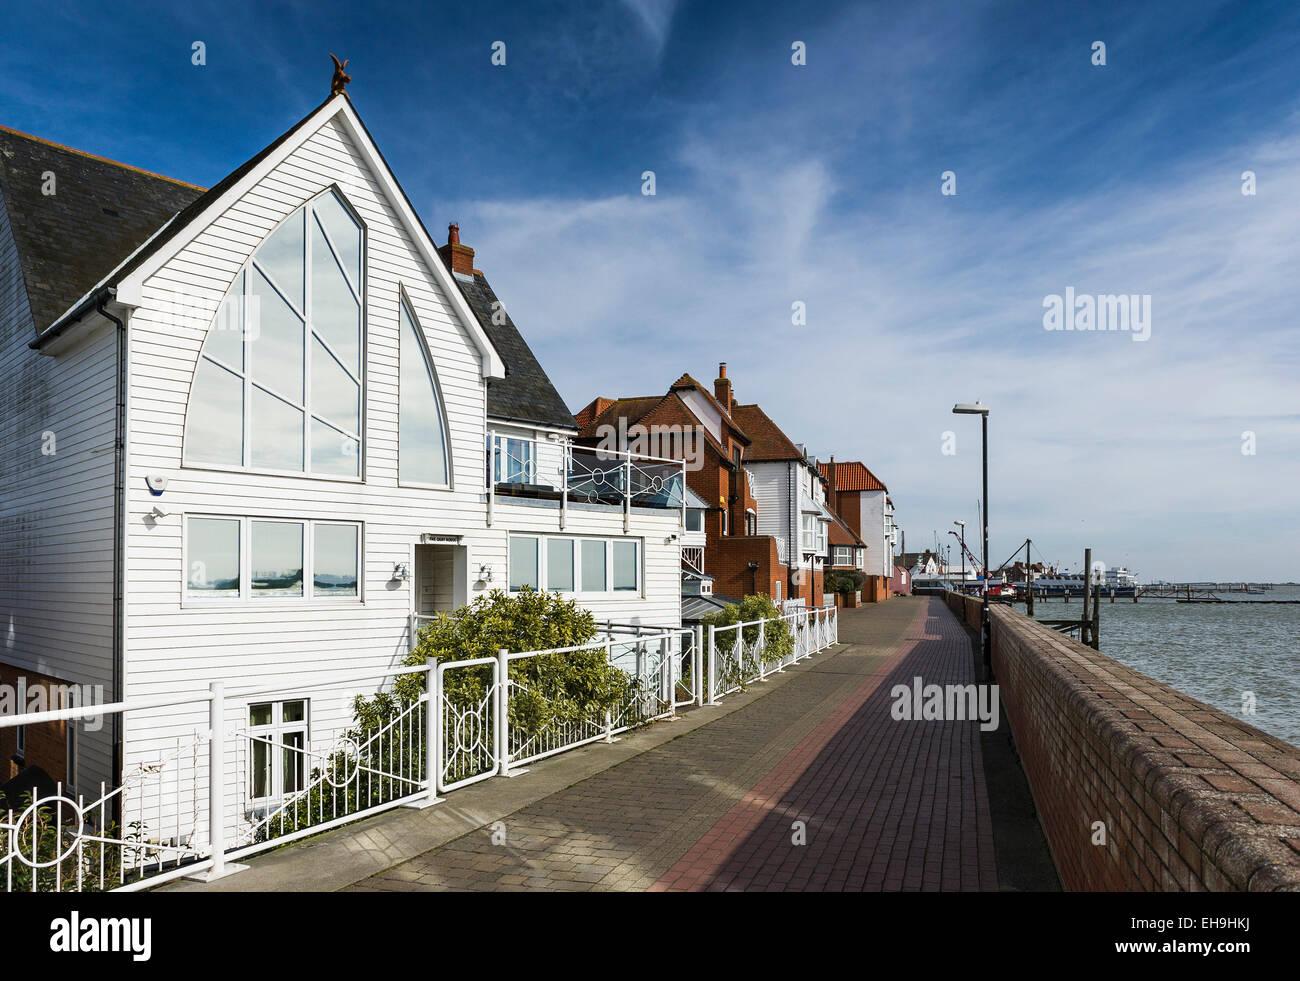 Riverside propiedades en las orillas del río Crouch en Burnham en Crouch en Essex. Imagen De Stock